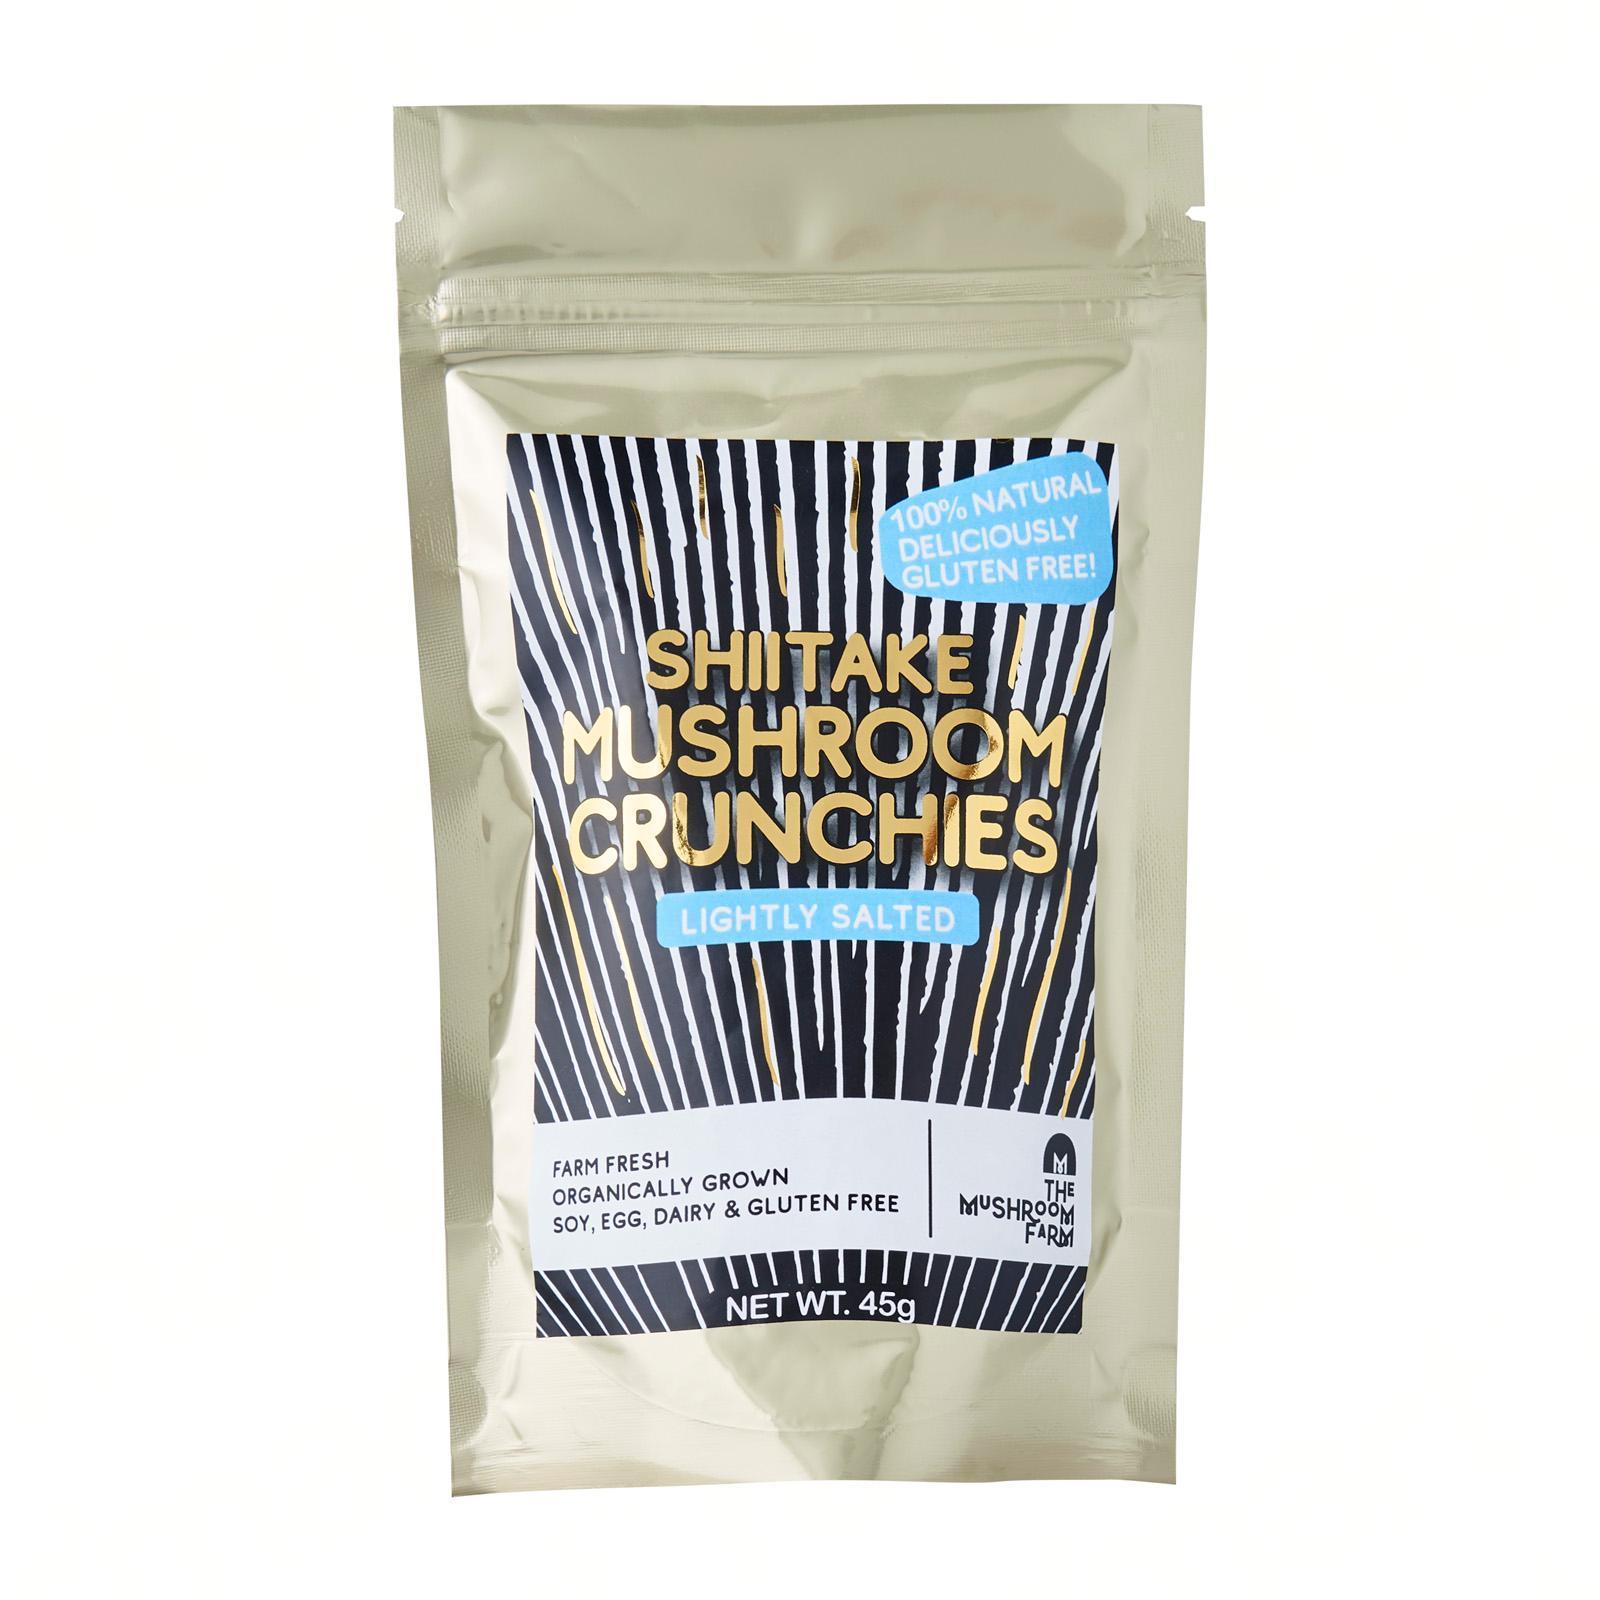 The Mushroom Farm Shiitake Mushroom Crunchies - Lightly Salted